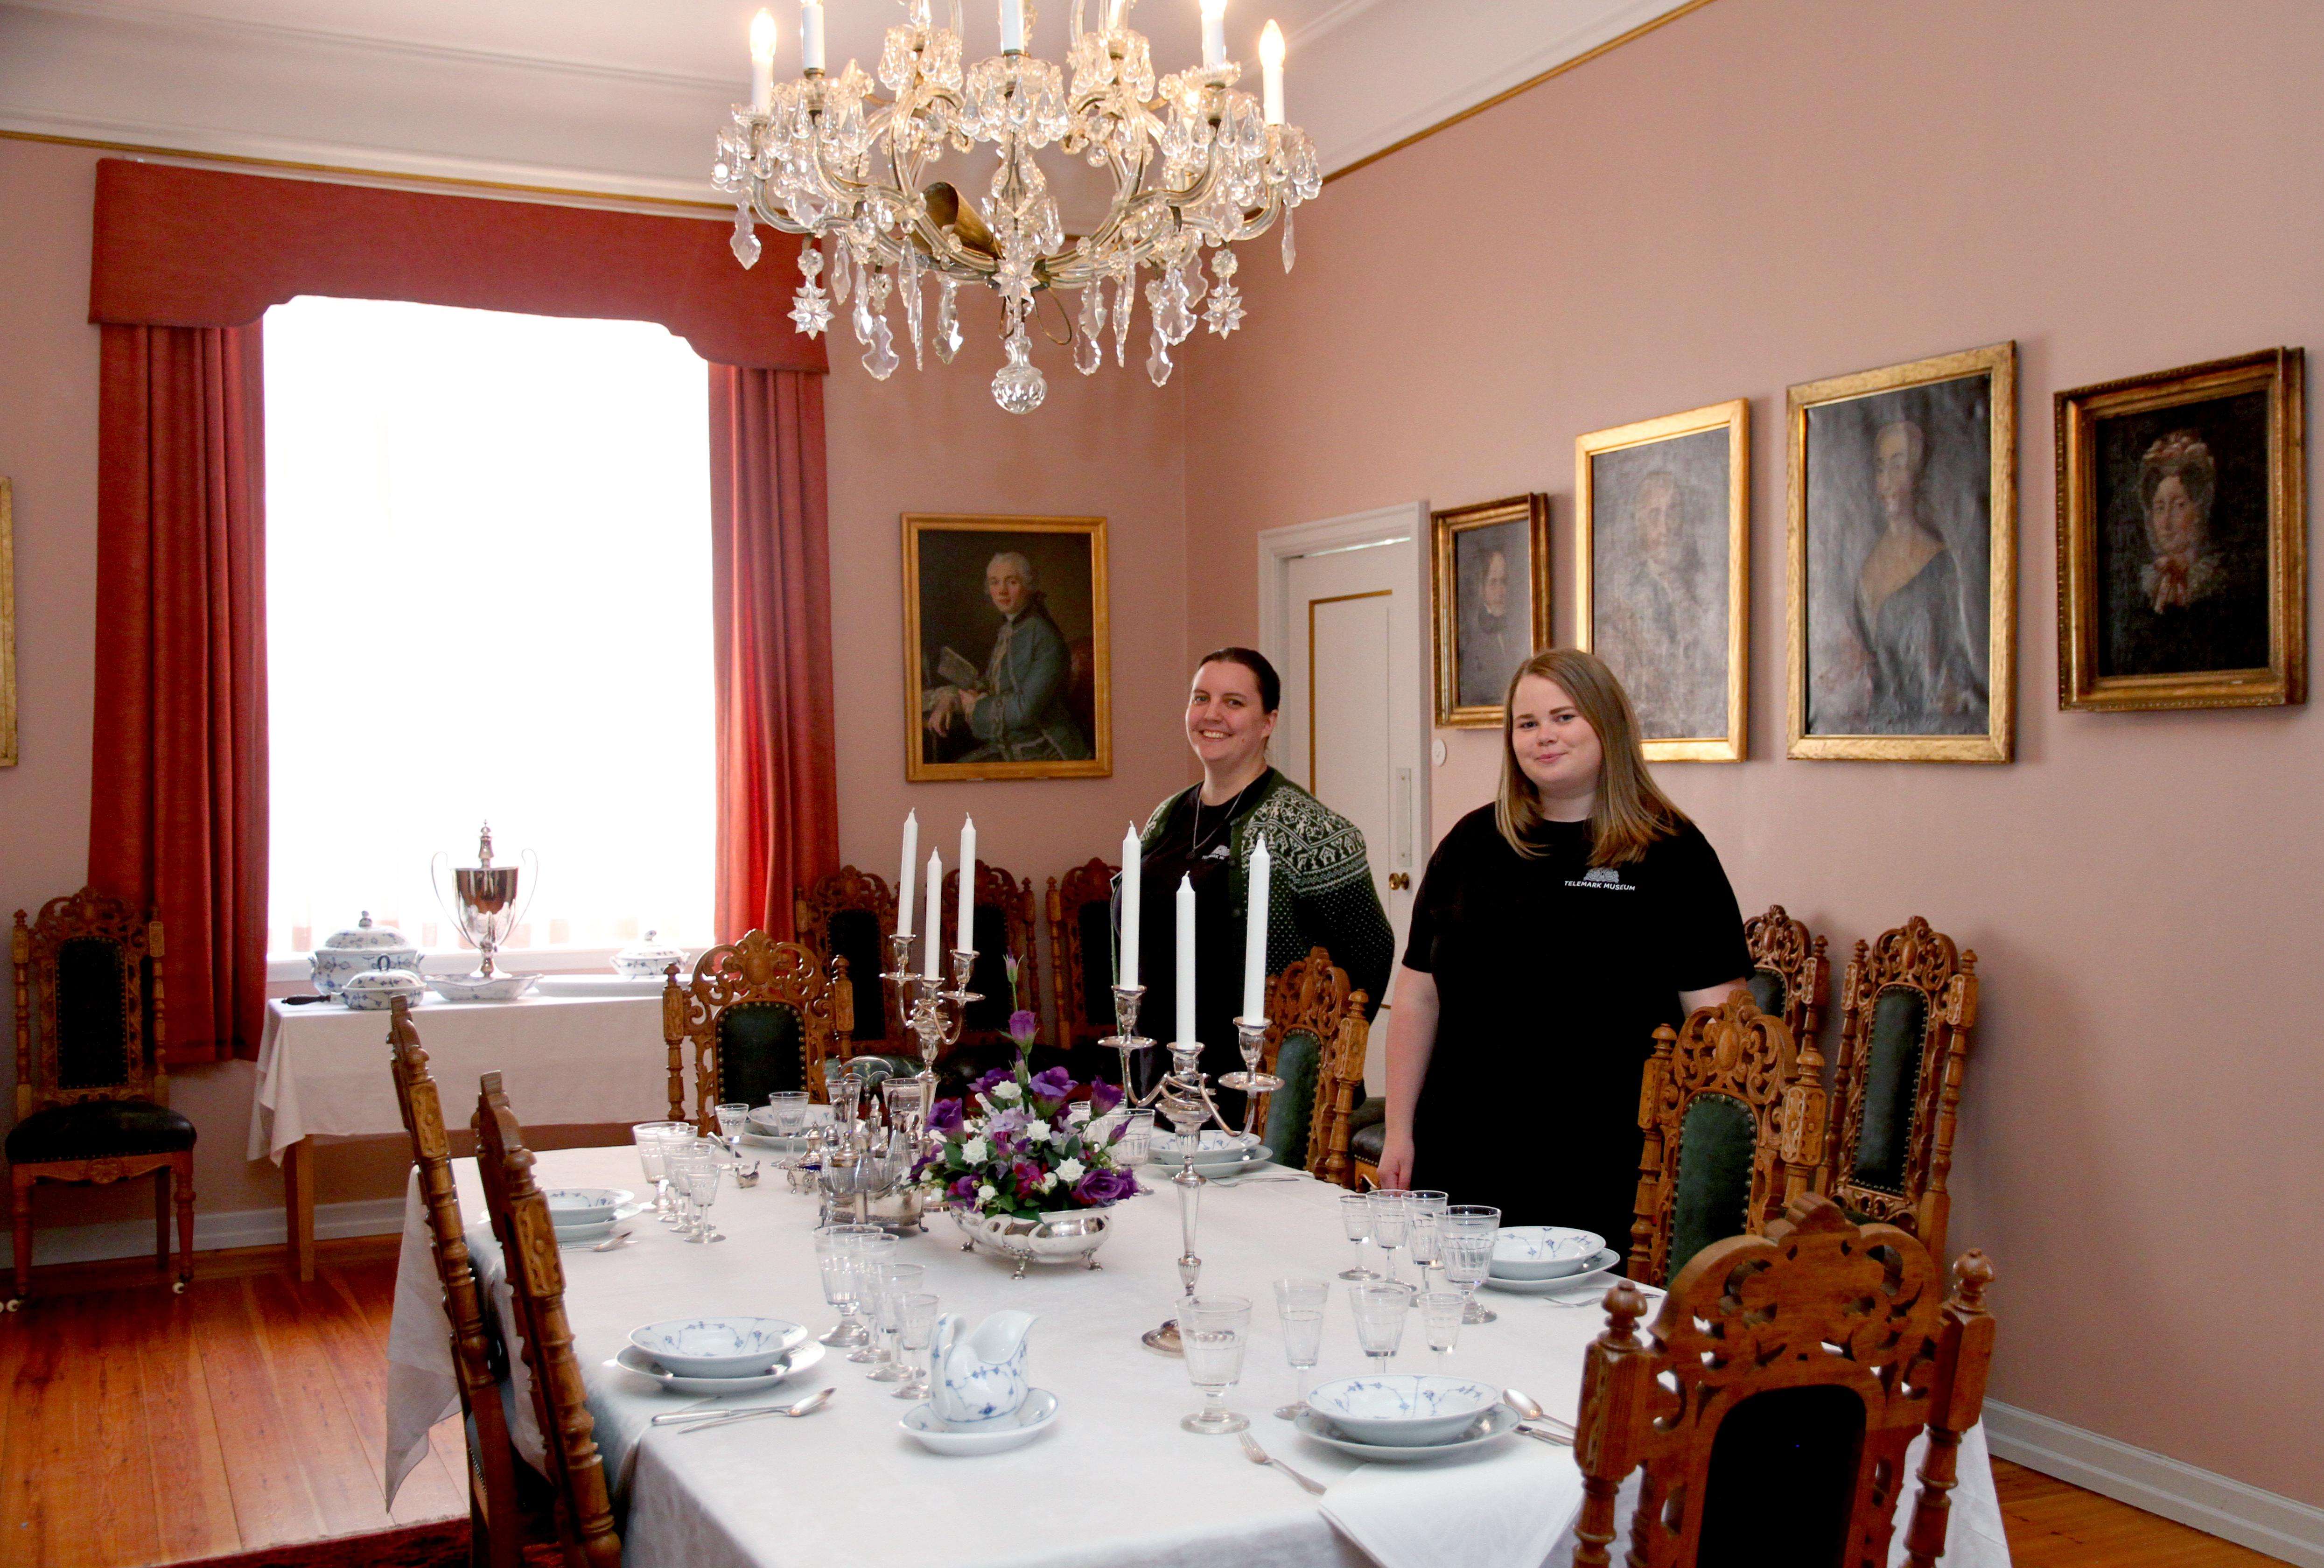 KUNNSKAPSRIKE: Telemark Museum er heldige som kan invitere gjester til flinke sommerverter. Her er Kristine Andersen og Amalie Haugen Røimål ved dekket bord i spisestuen. Familien Aall vokter det hele fra veggplass.